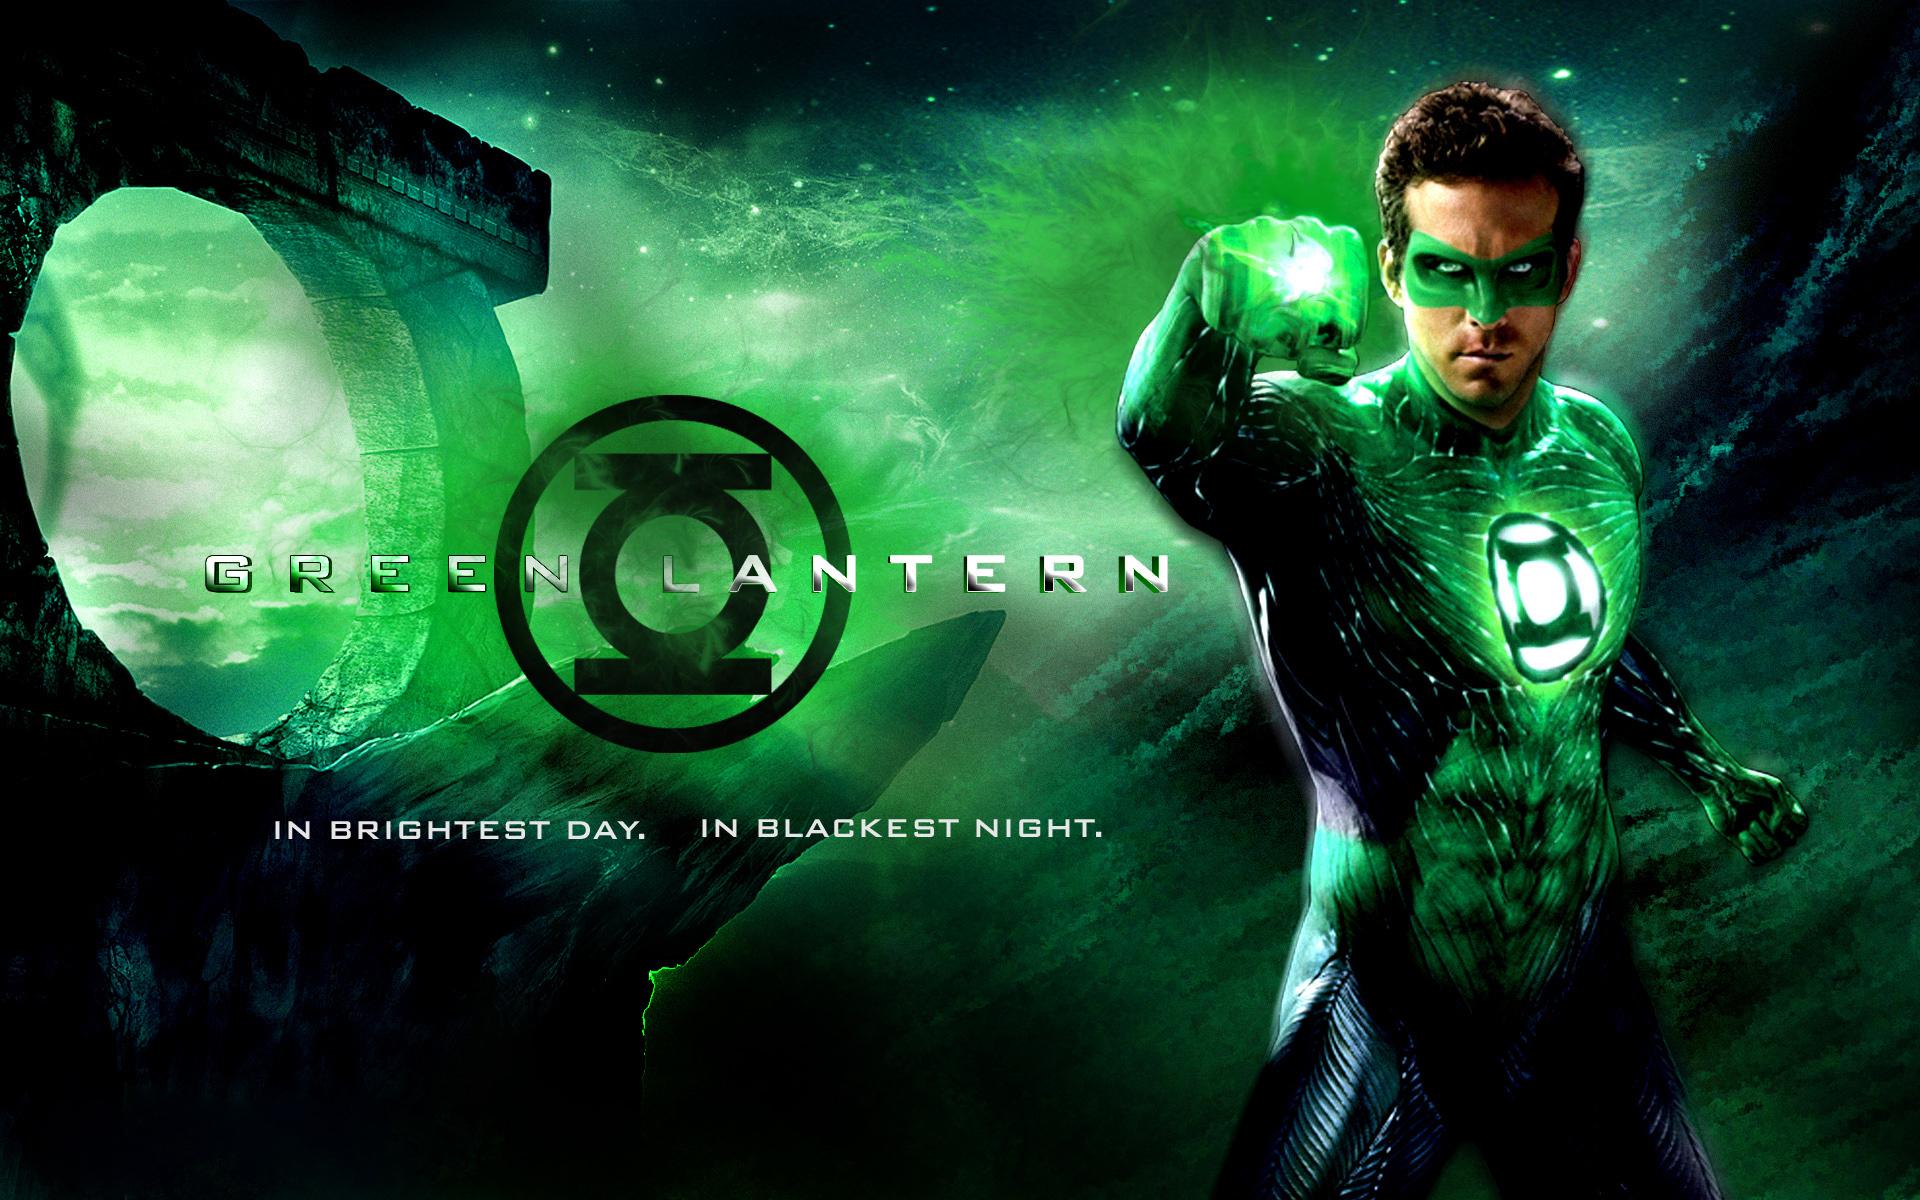 Green Lantern Wallpaper HD 1920x1200